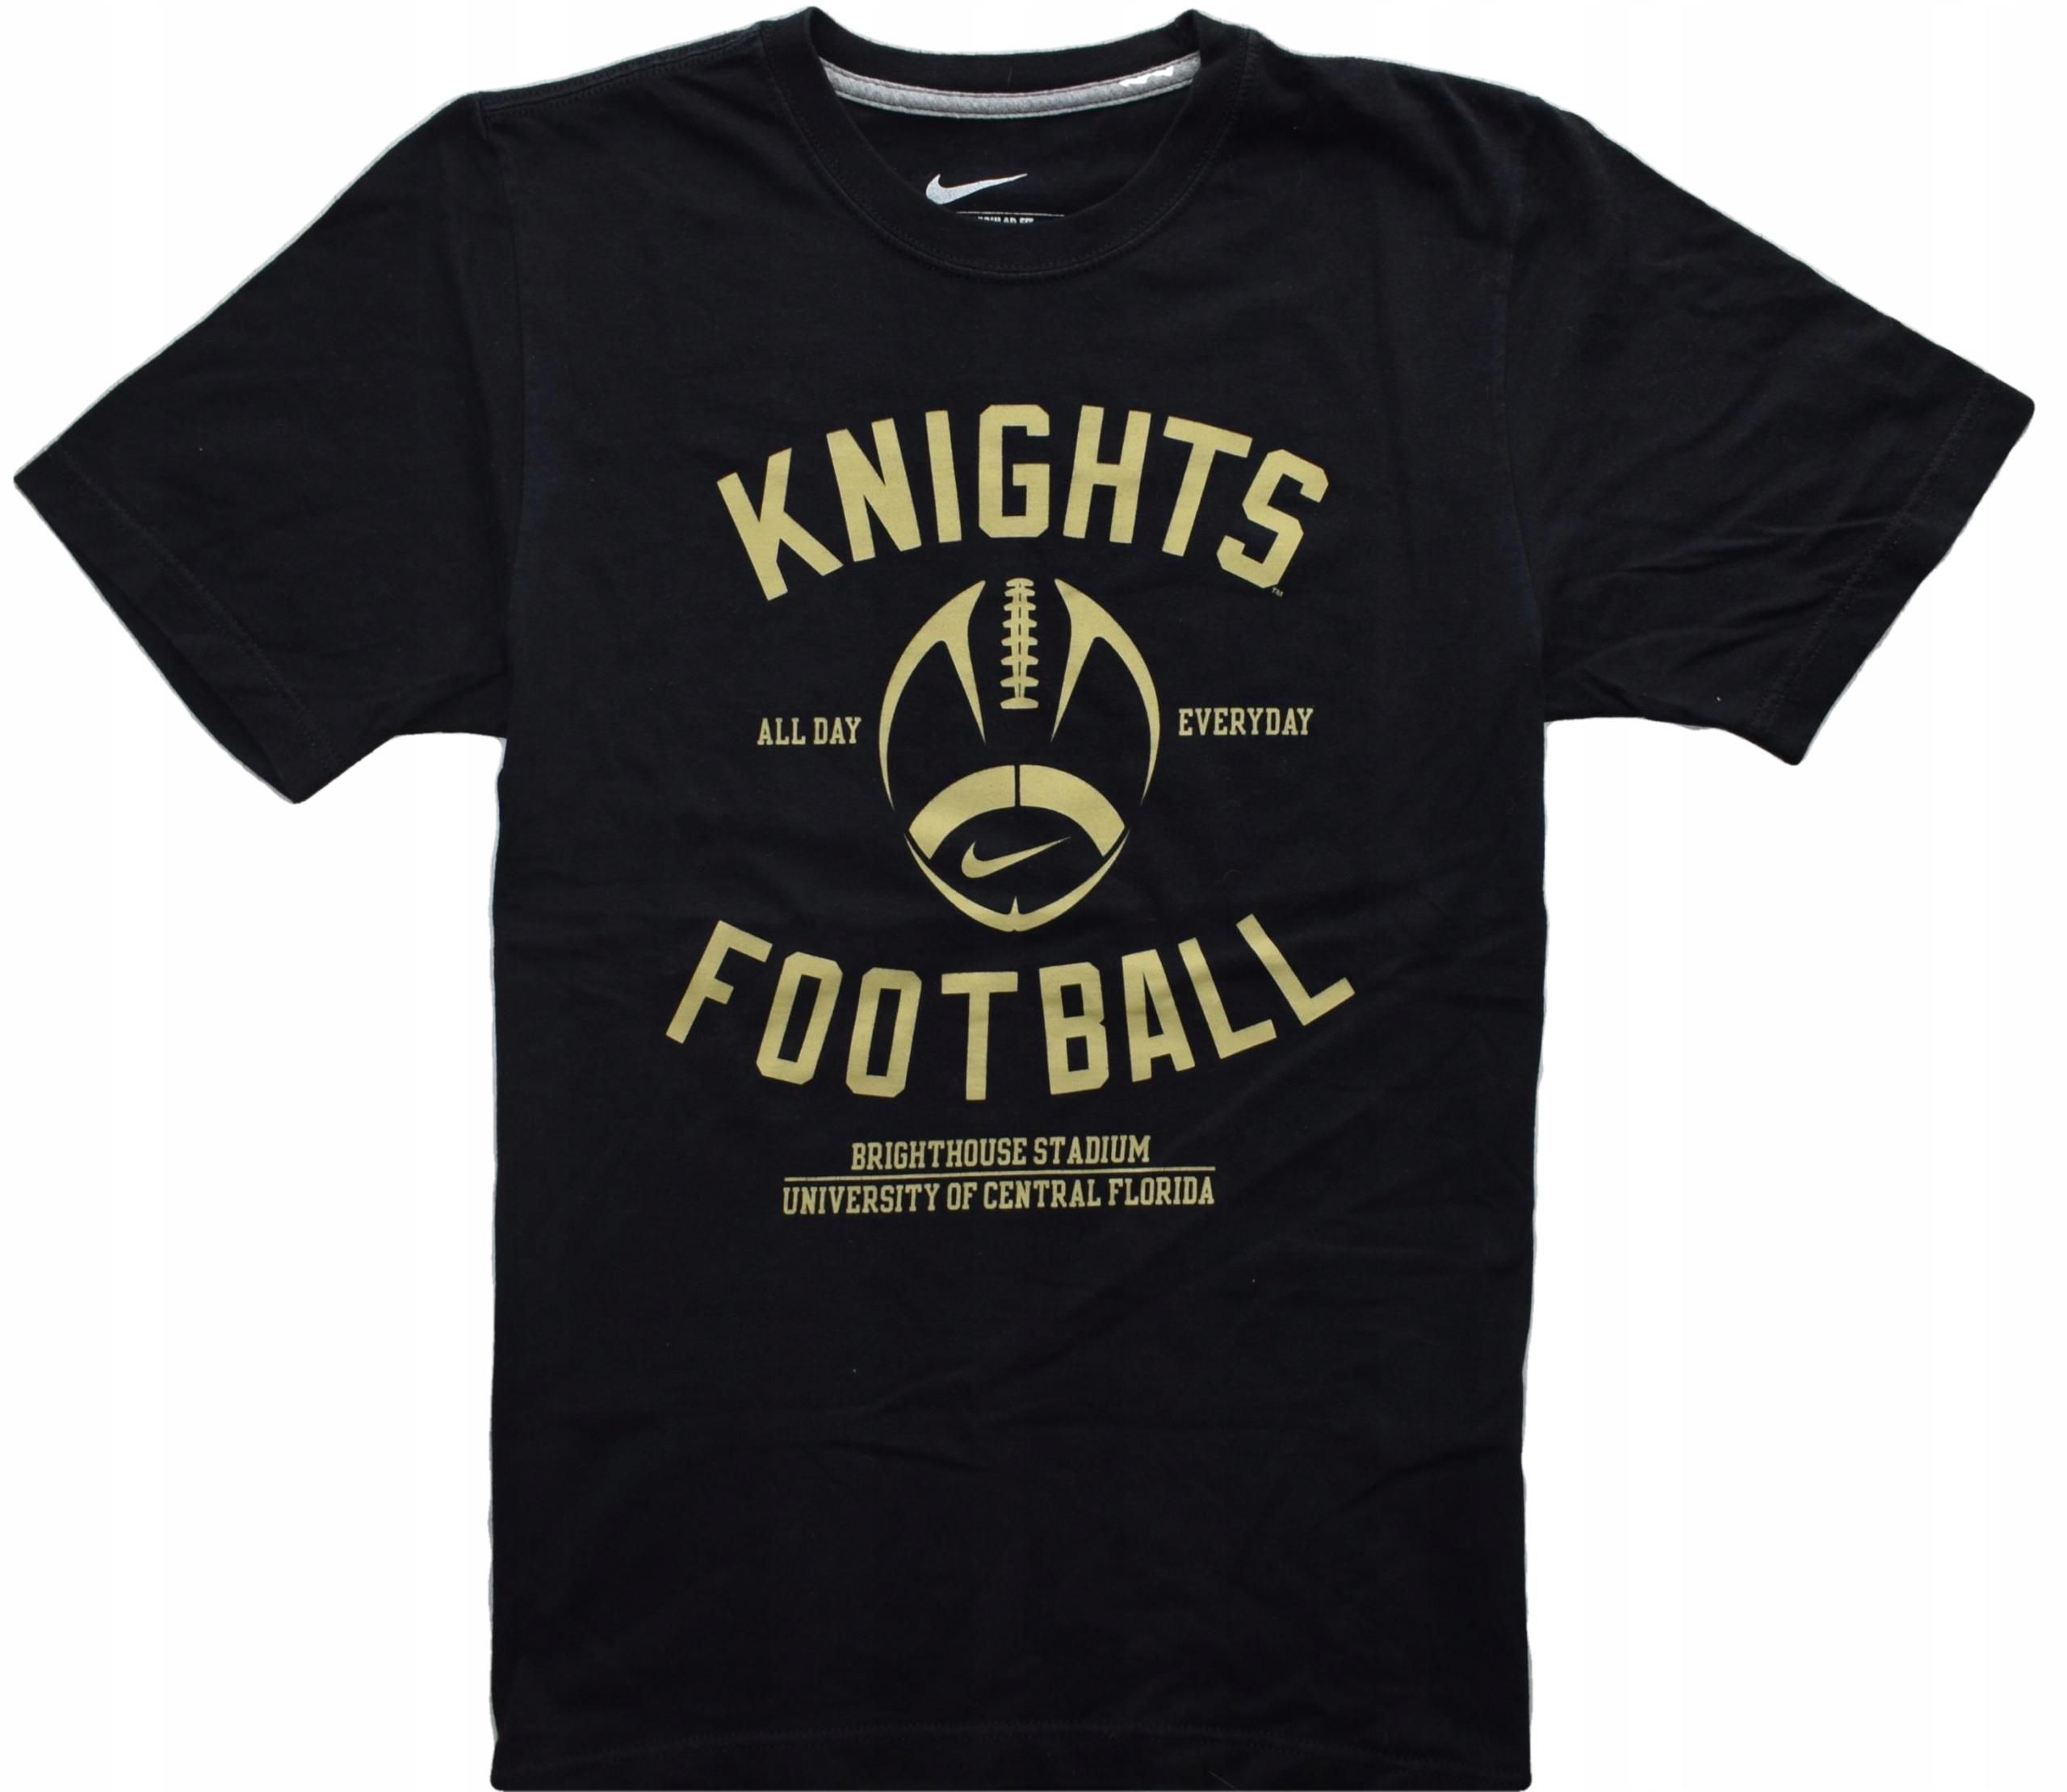 Nike NFL Knights T-Shirt football amerykanski